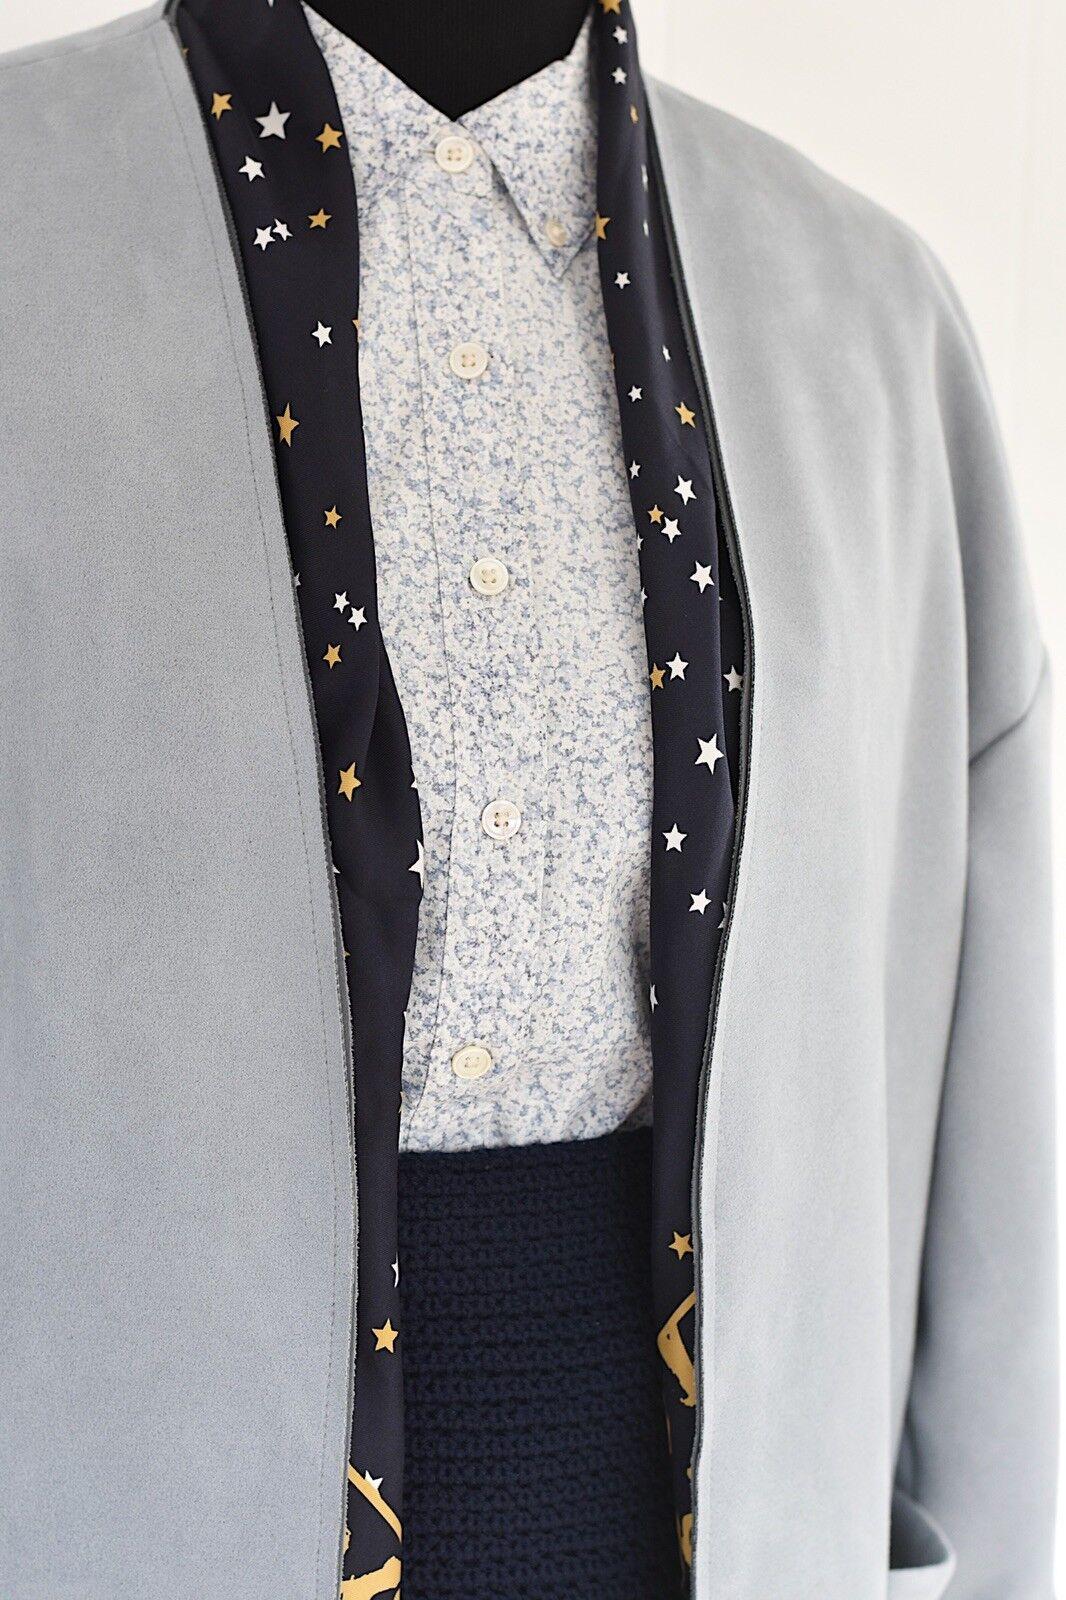 Equipment Femme Floral Longsleeve Button Down Shirt Collarot Blau Sz S